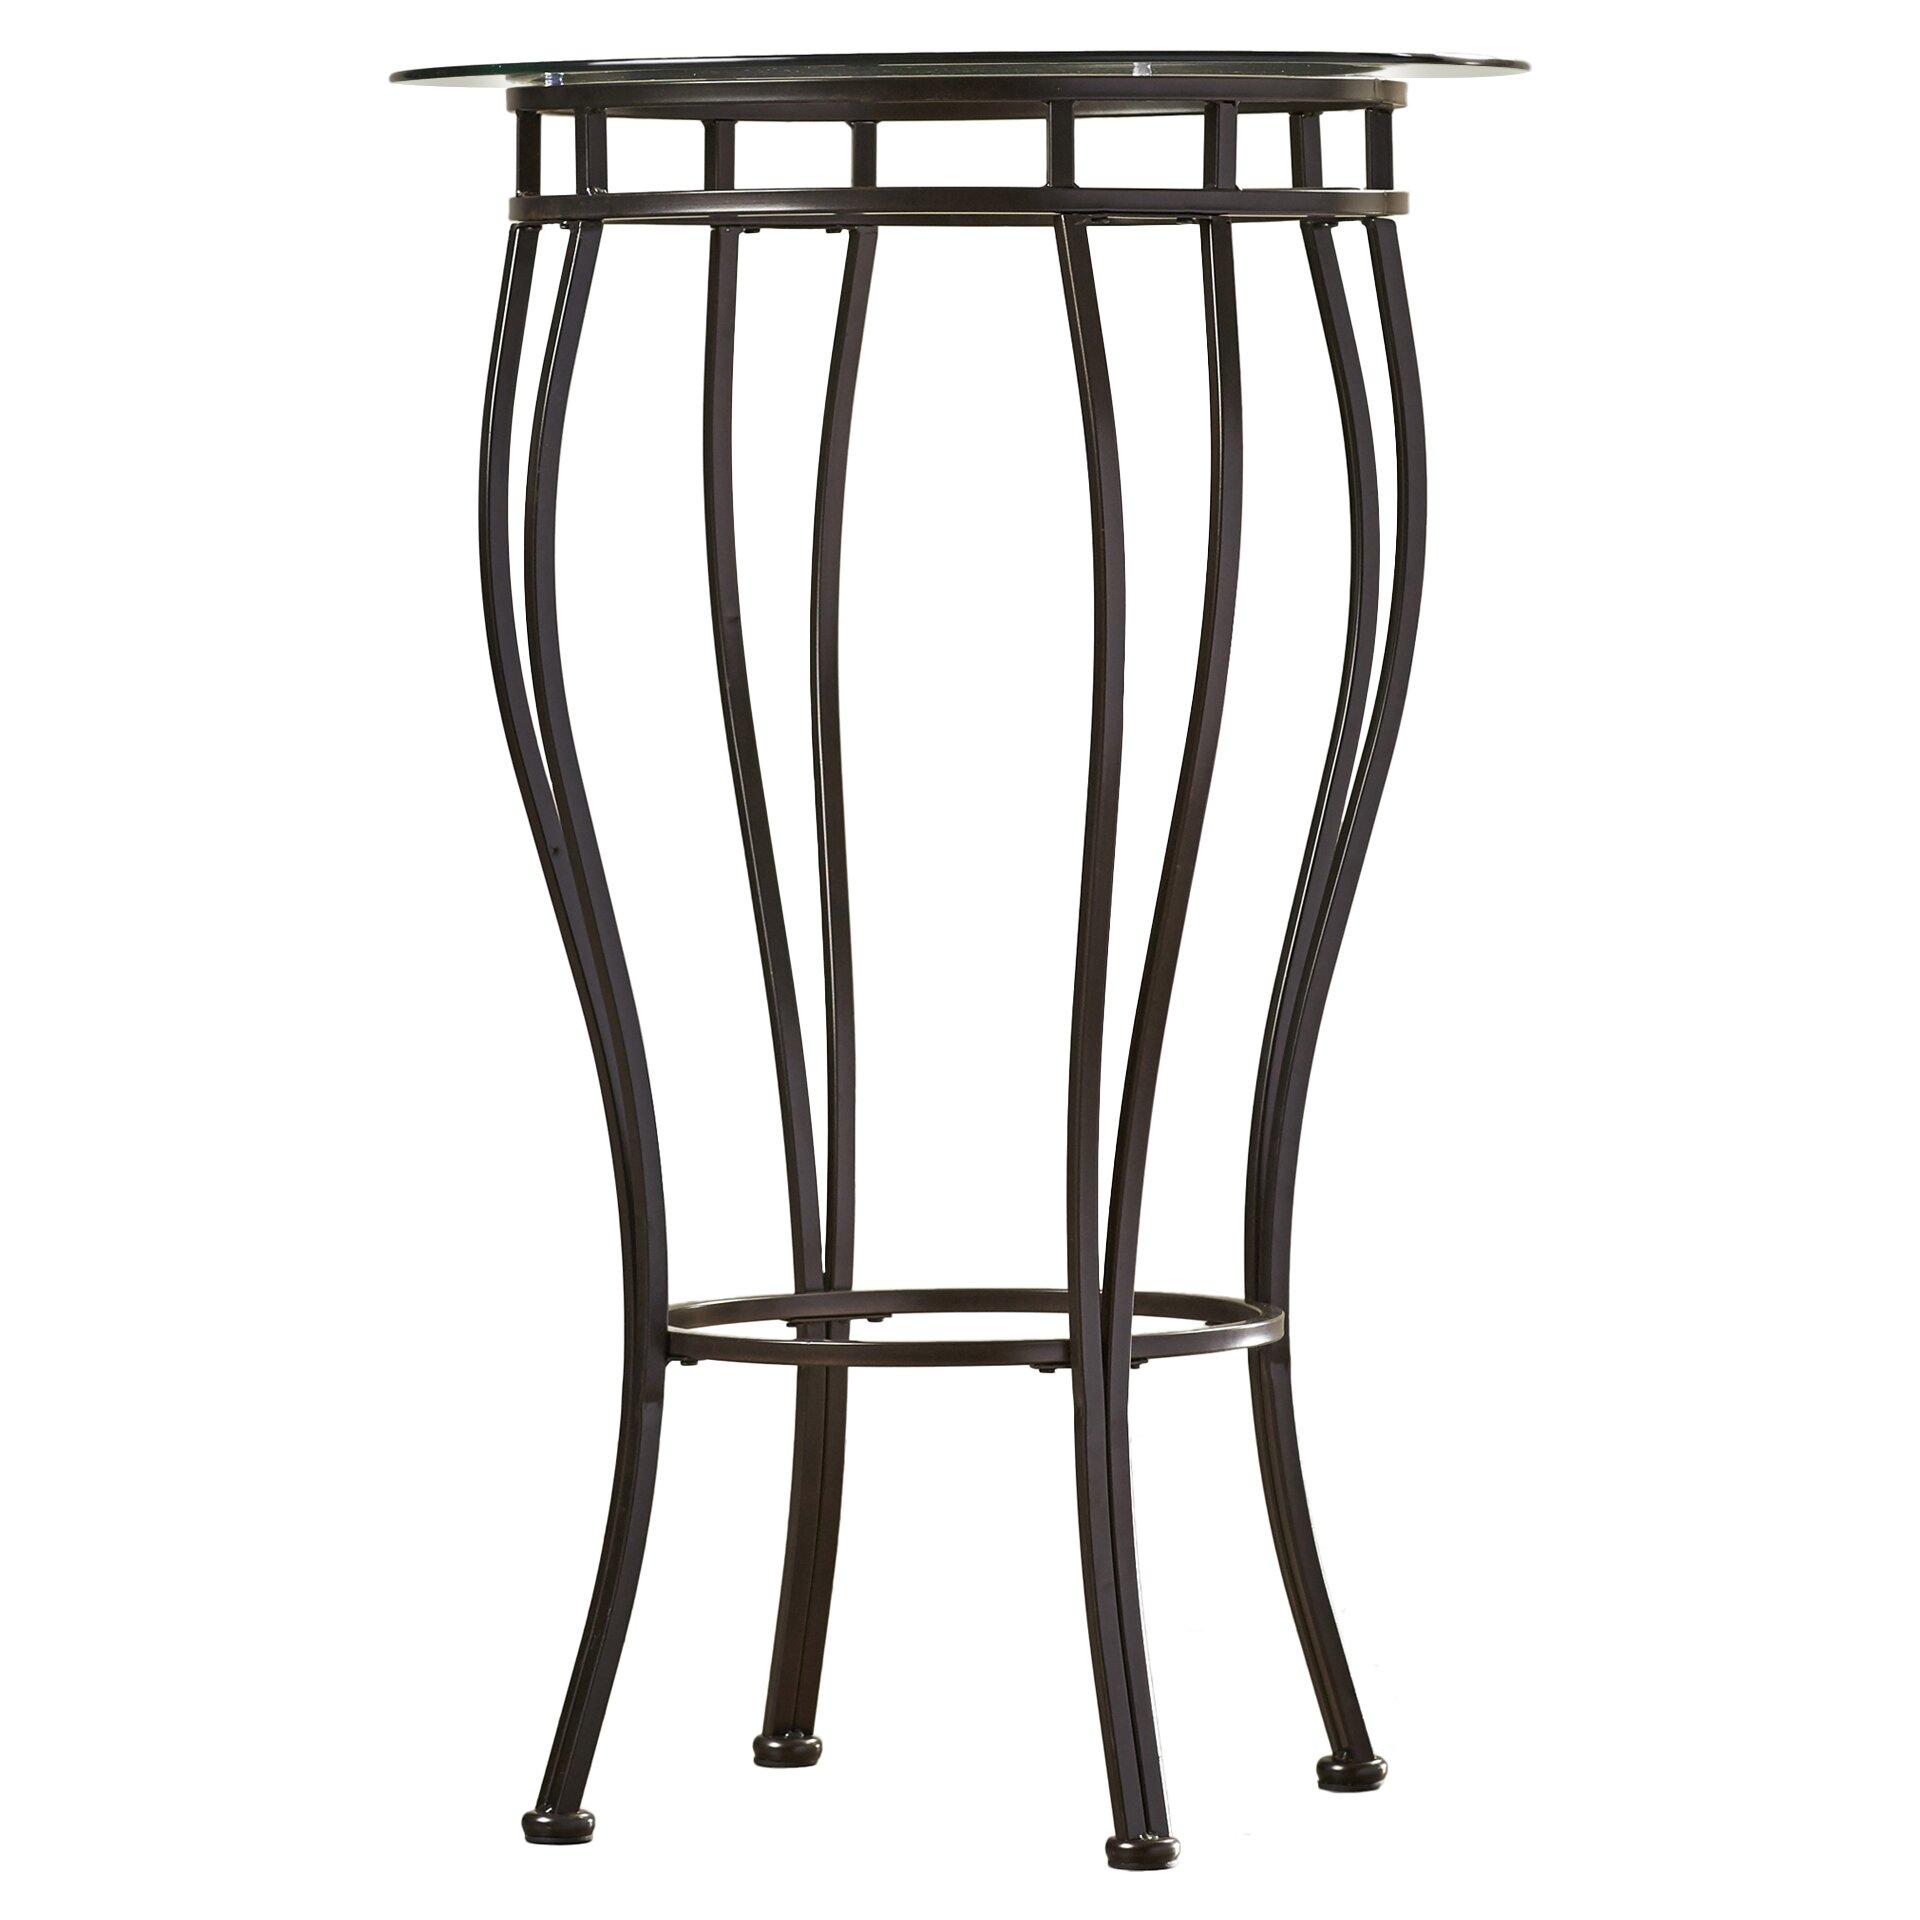 100 Pkolino Table And Chairs Uk 28 Wayfair Round